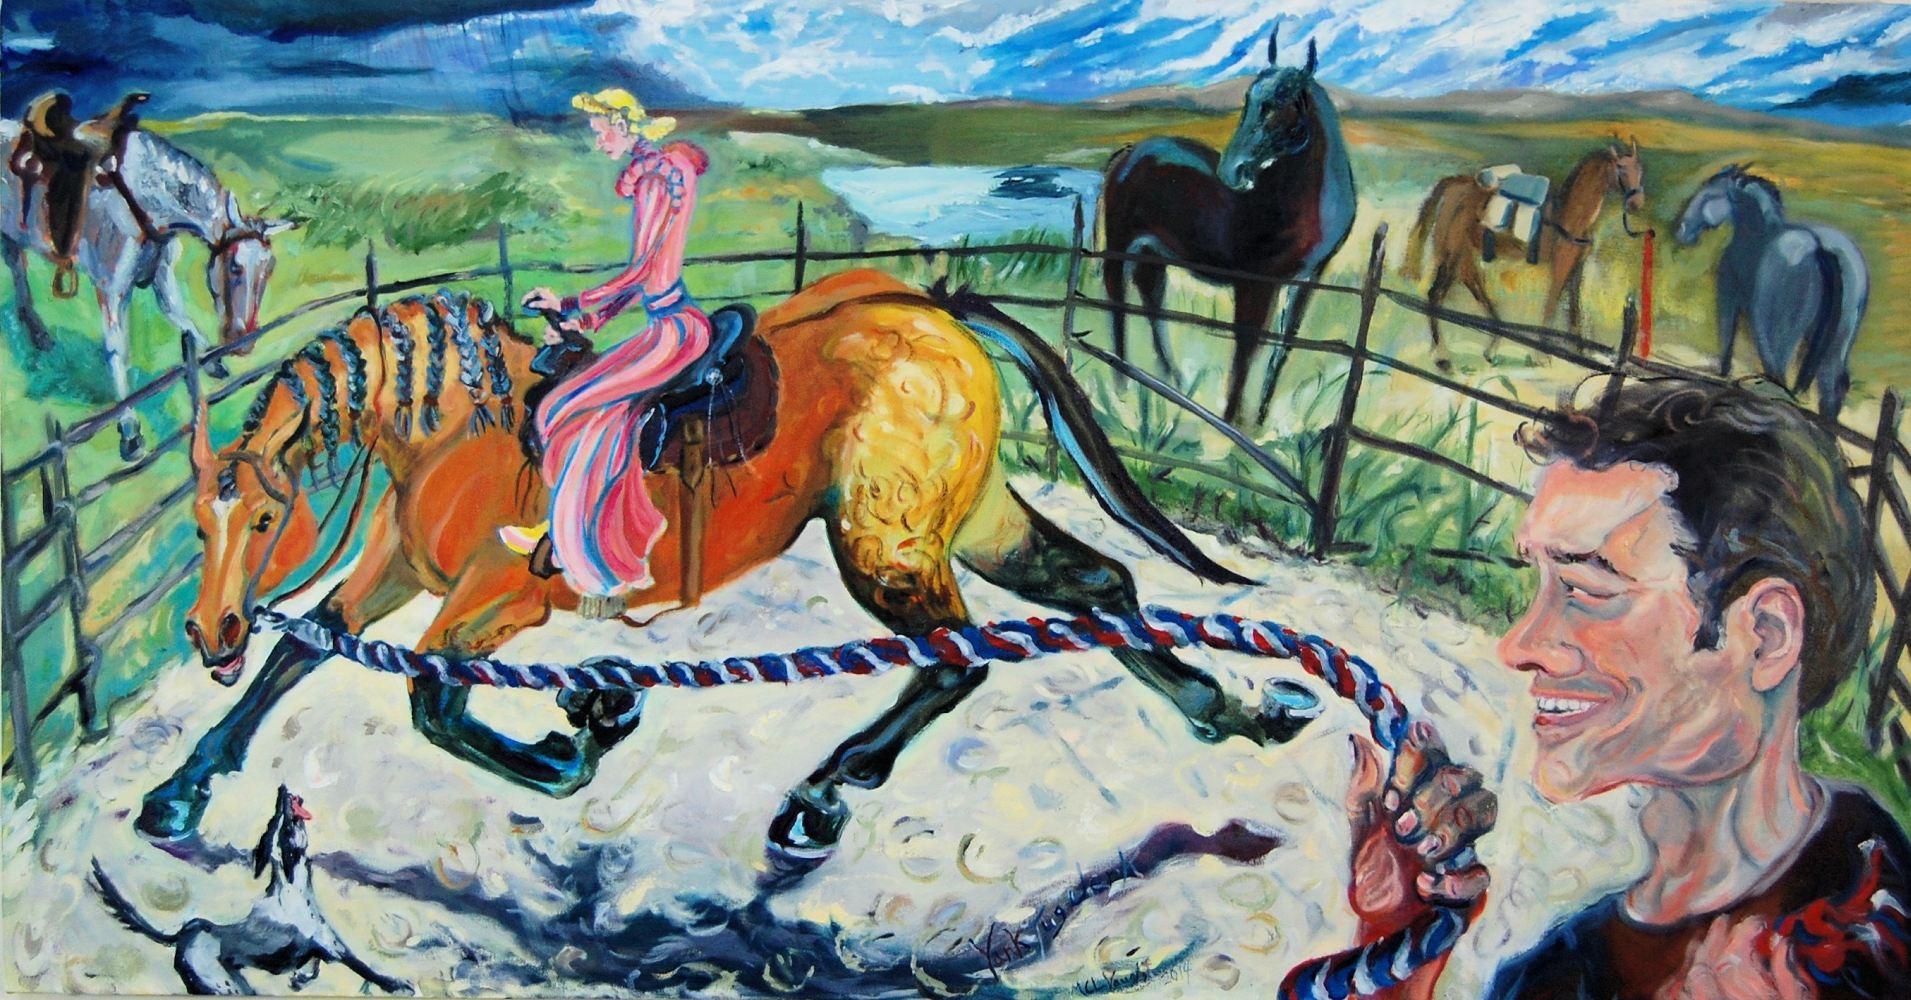 Yank, Tug, Jerk - Painting by ML Vaught